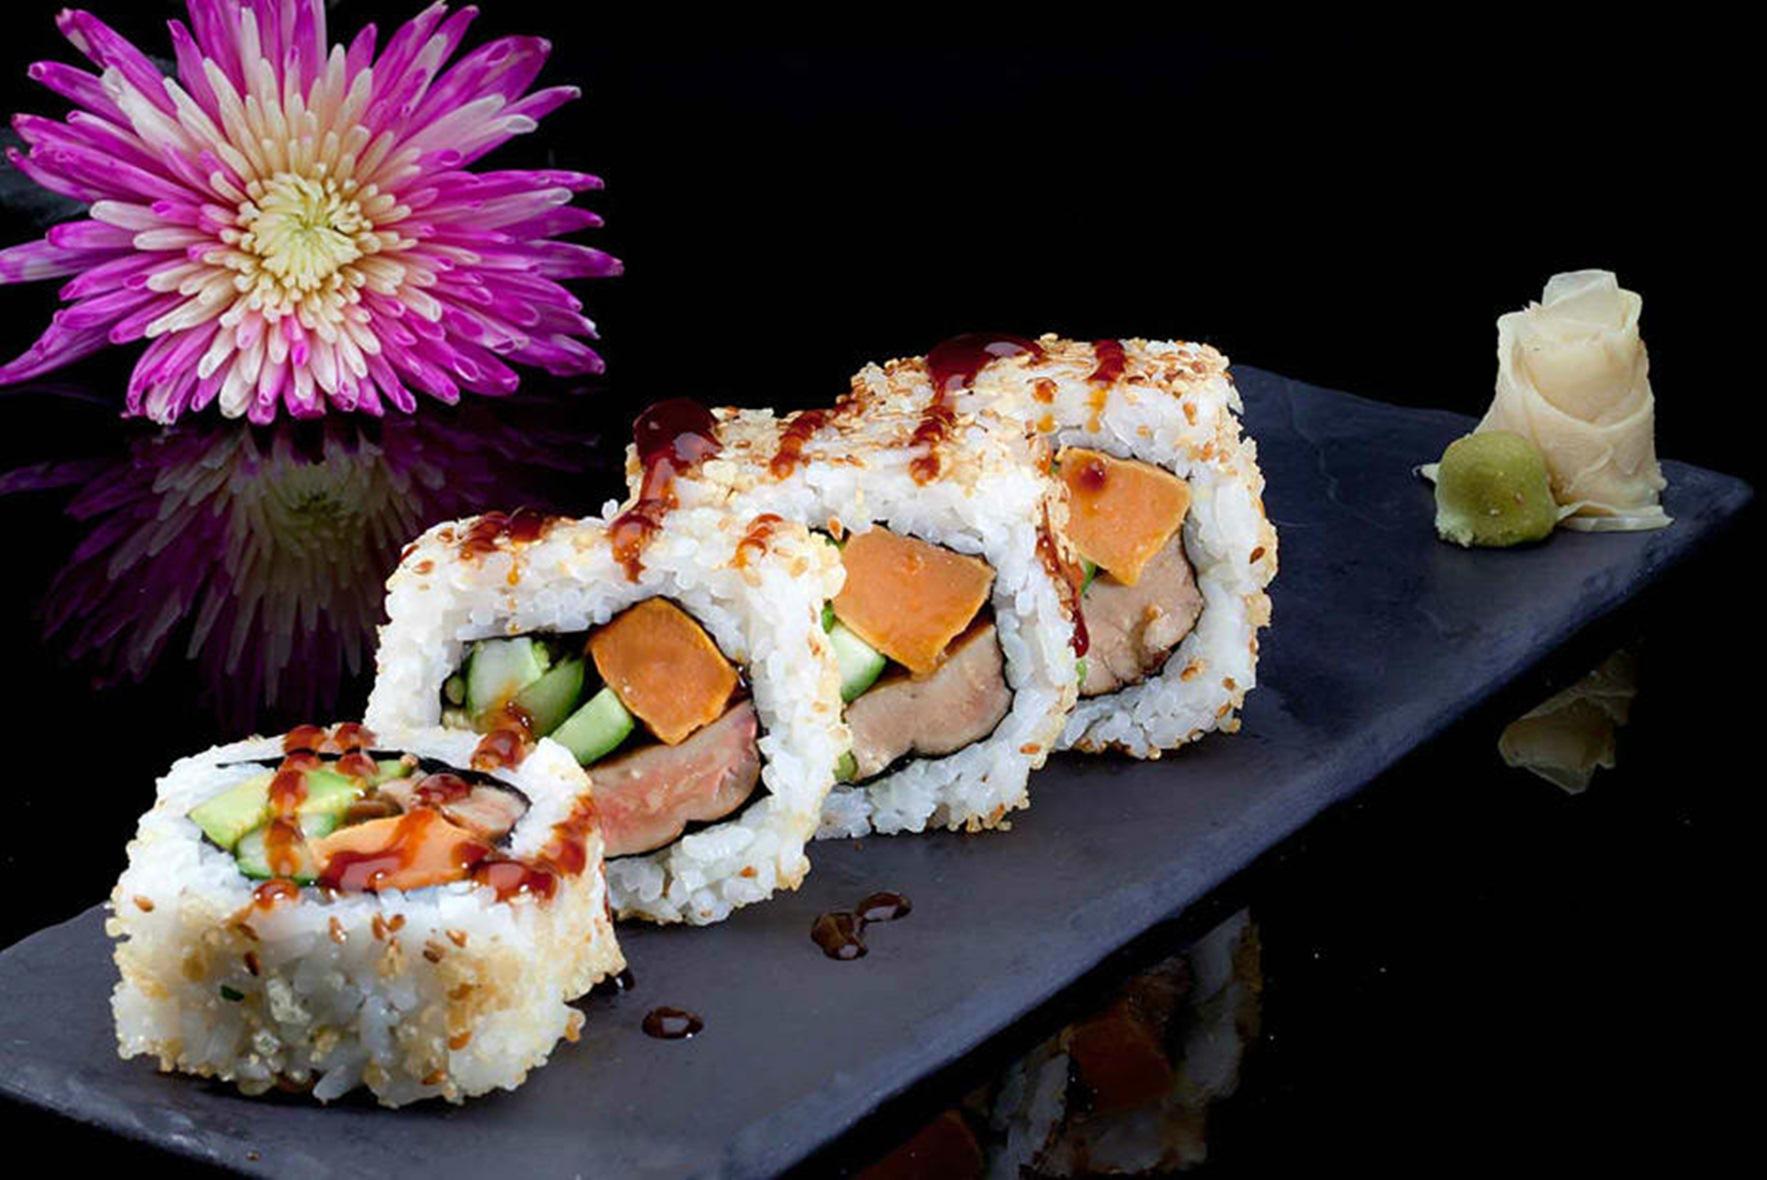 Kenali 5 Jenis Sushi Ini Agar Saat Memesannya Tidak Salah Sebut 6